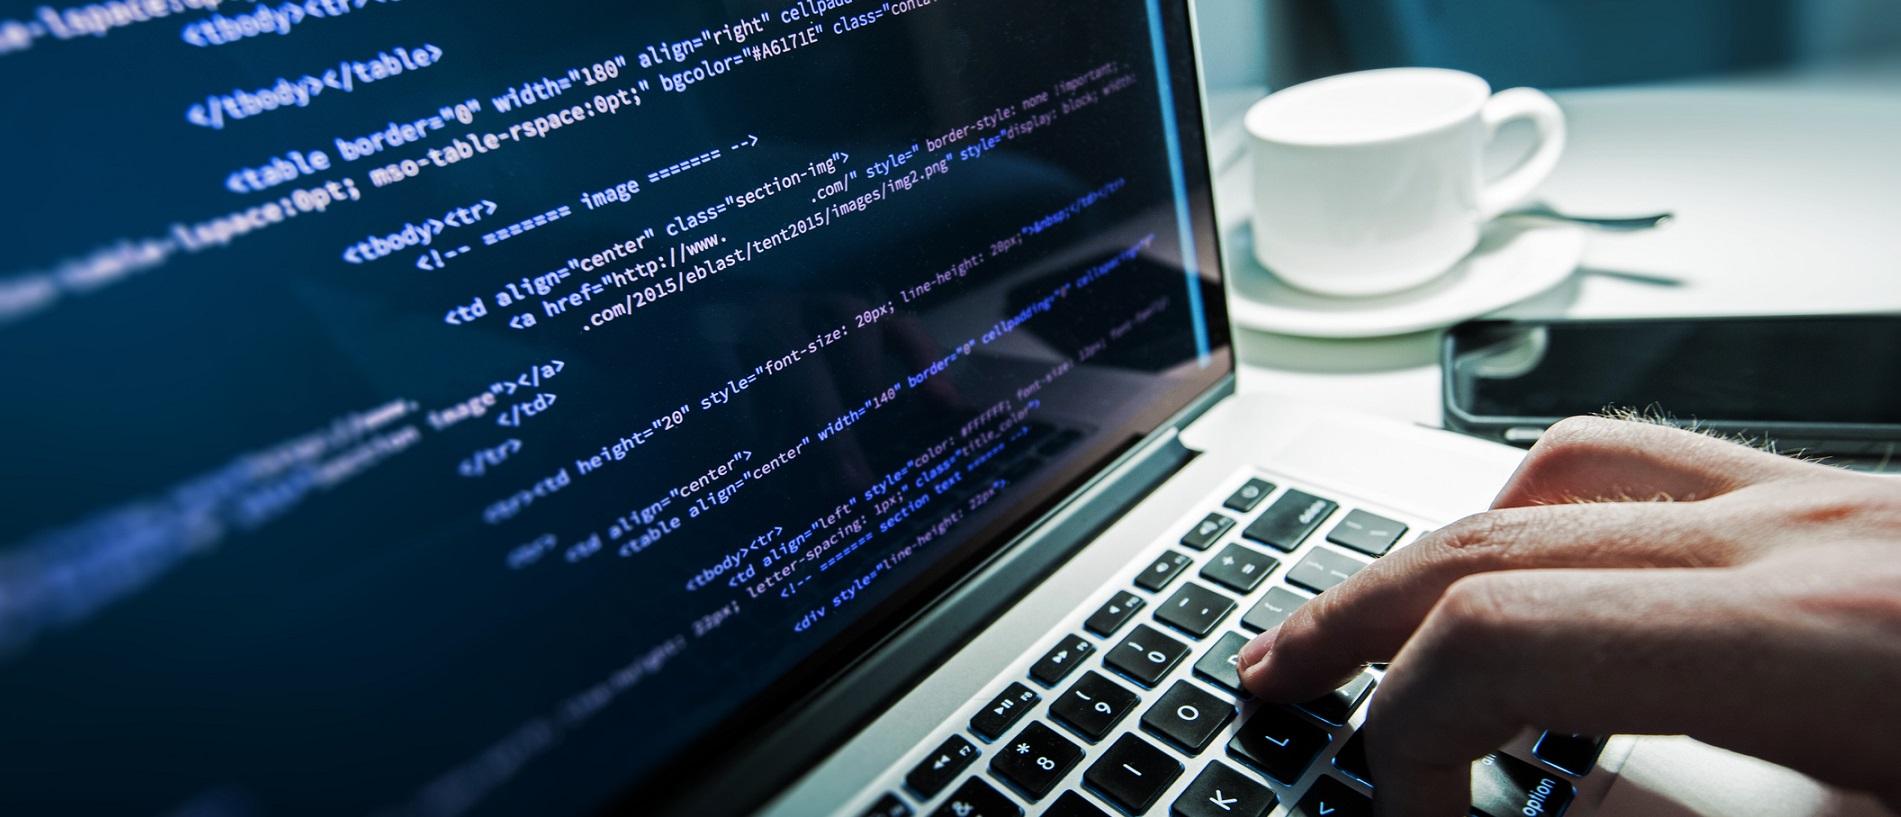 application-development-102045952-54E0-87C9-BC50-BC984C4FA013.jpg